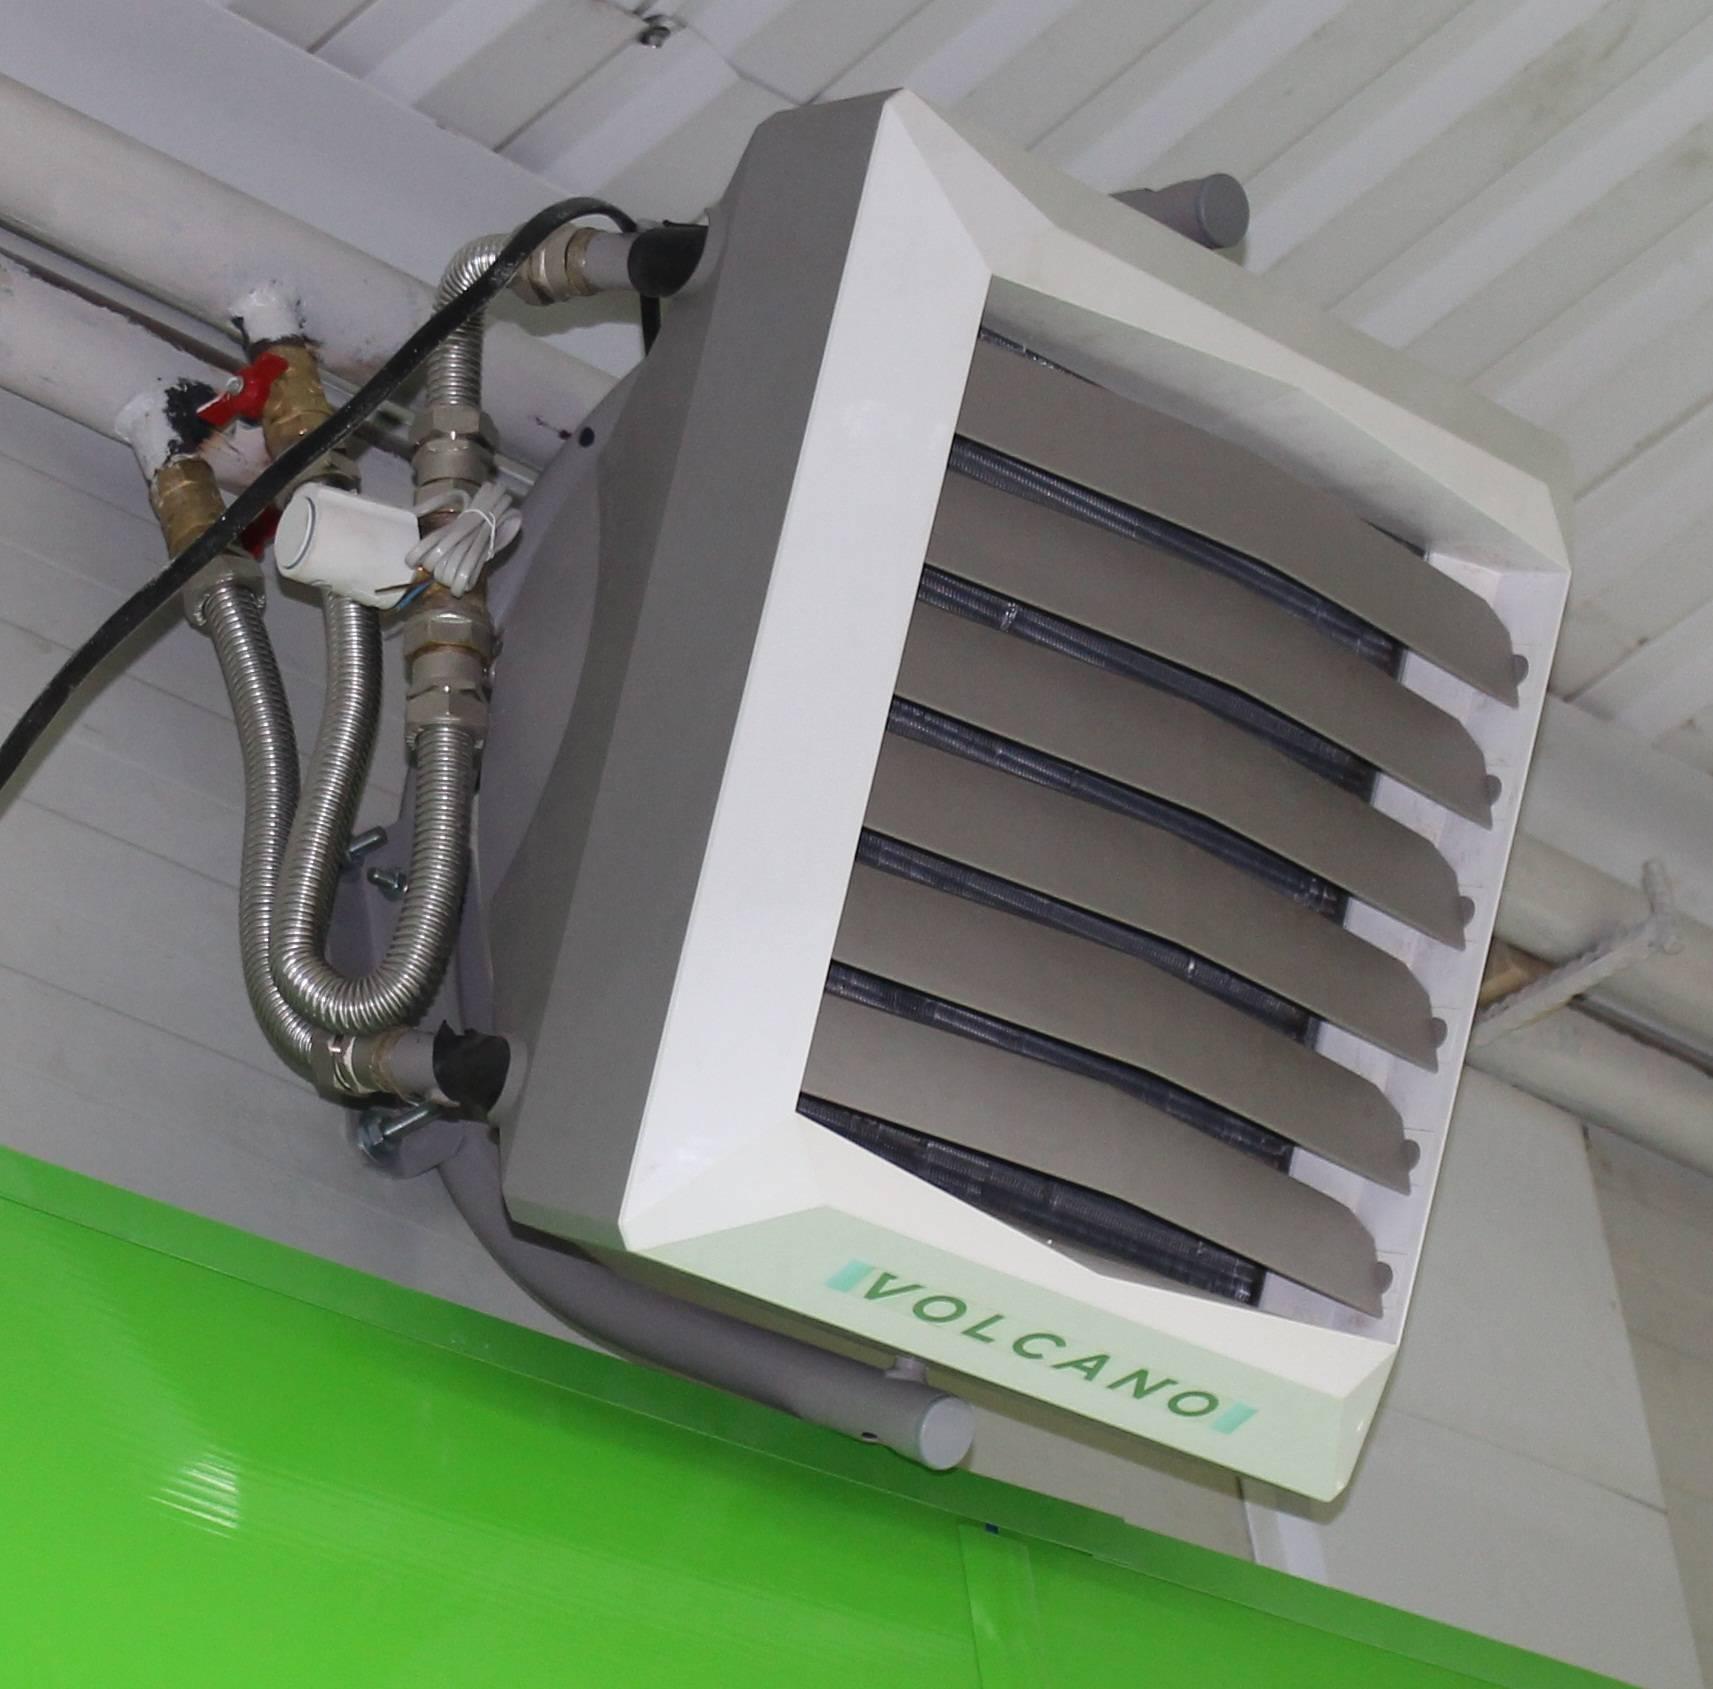 Воздушное отопление: 70 фото промышленного и бытового оборудования